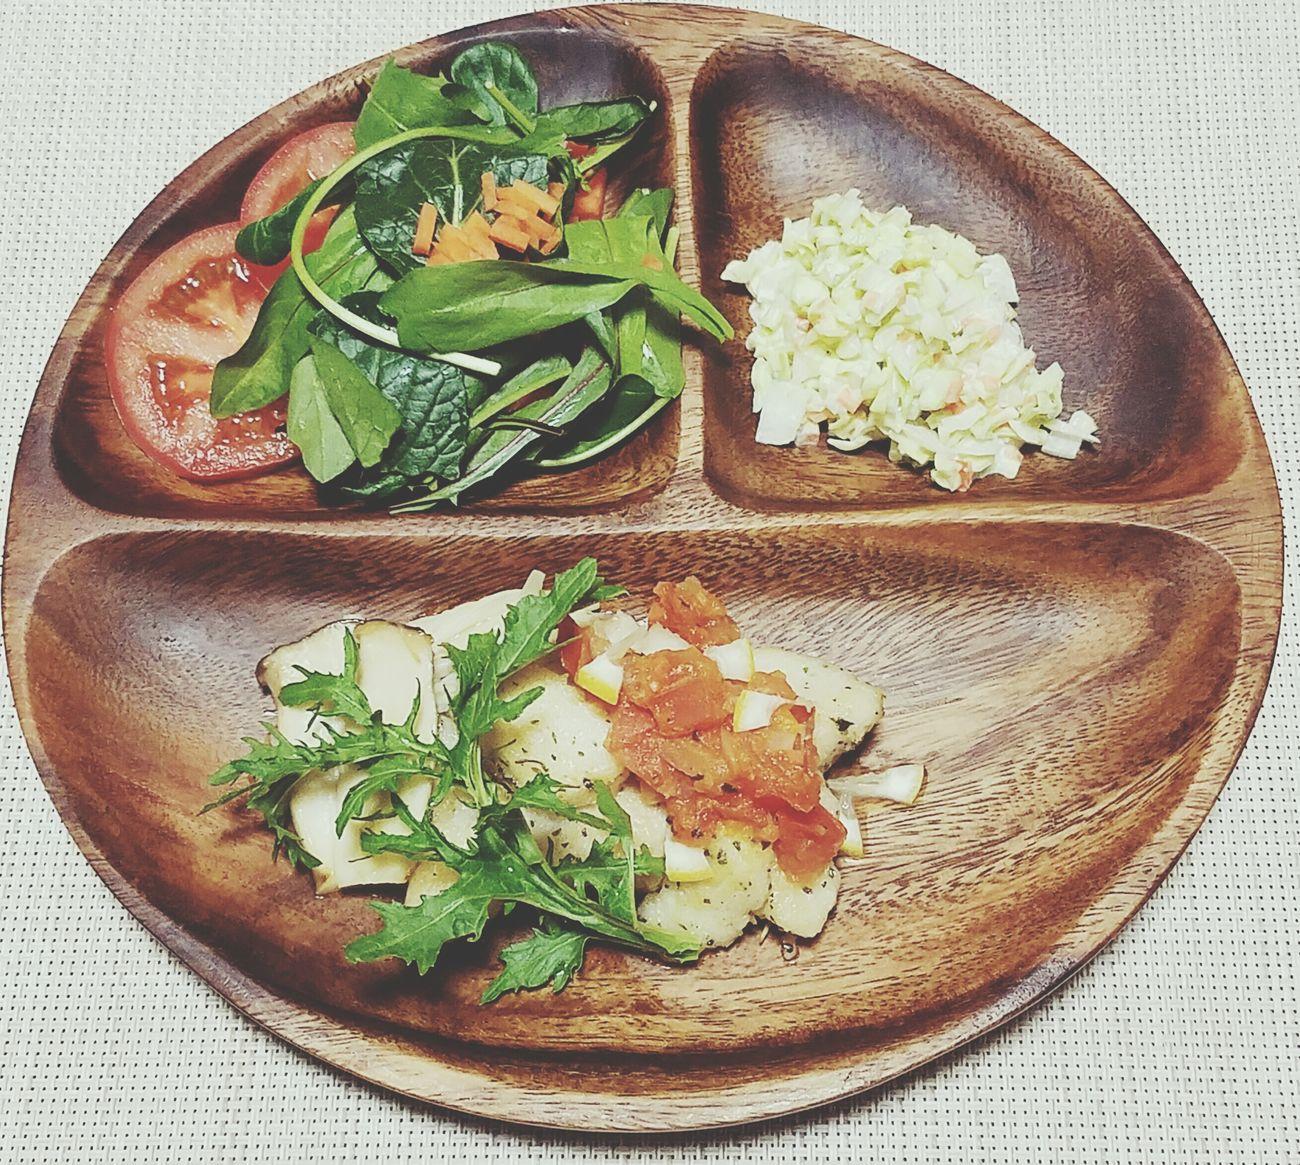 夜ご飯🌙 Food Plate Comidas Cena Tomato Coleslaw Fish Los Platos De Pescado Muniel